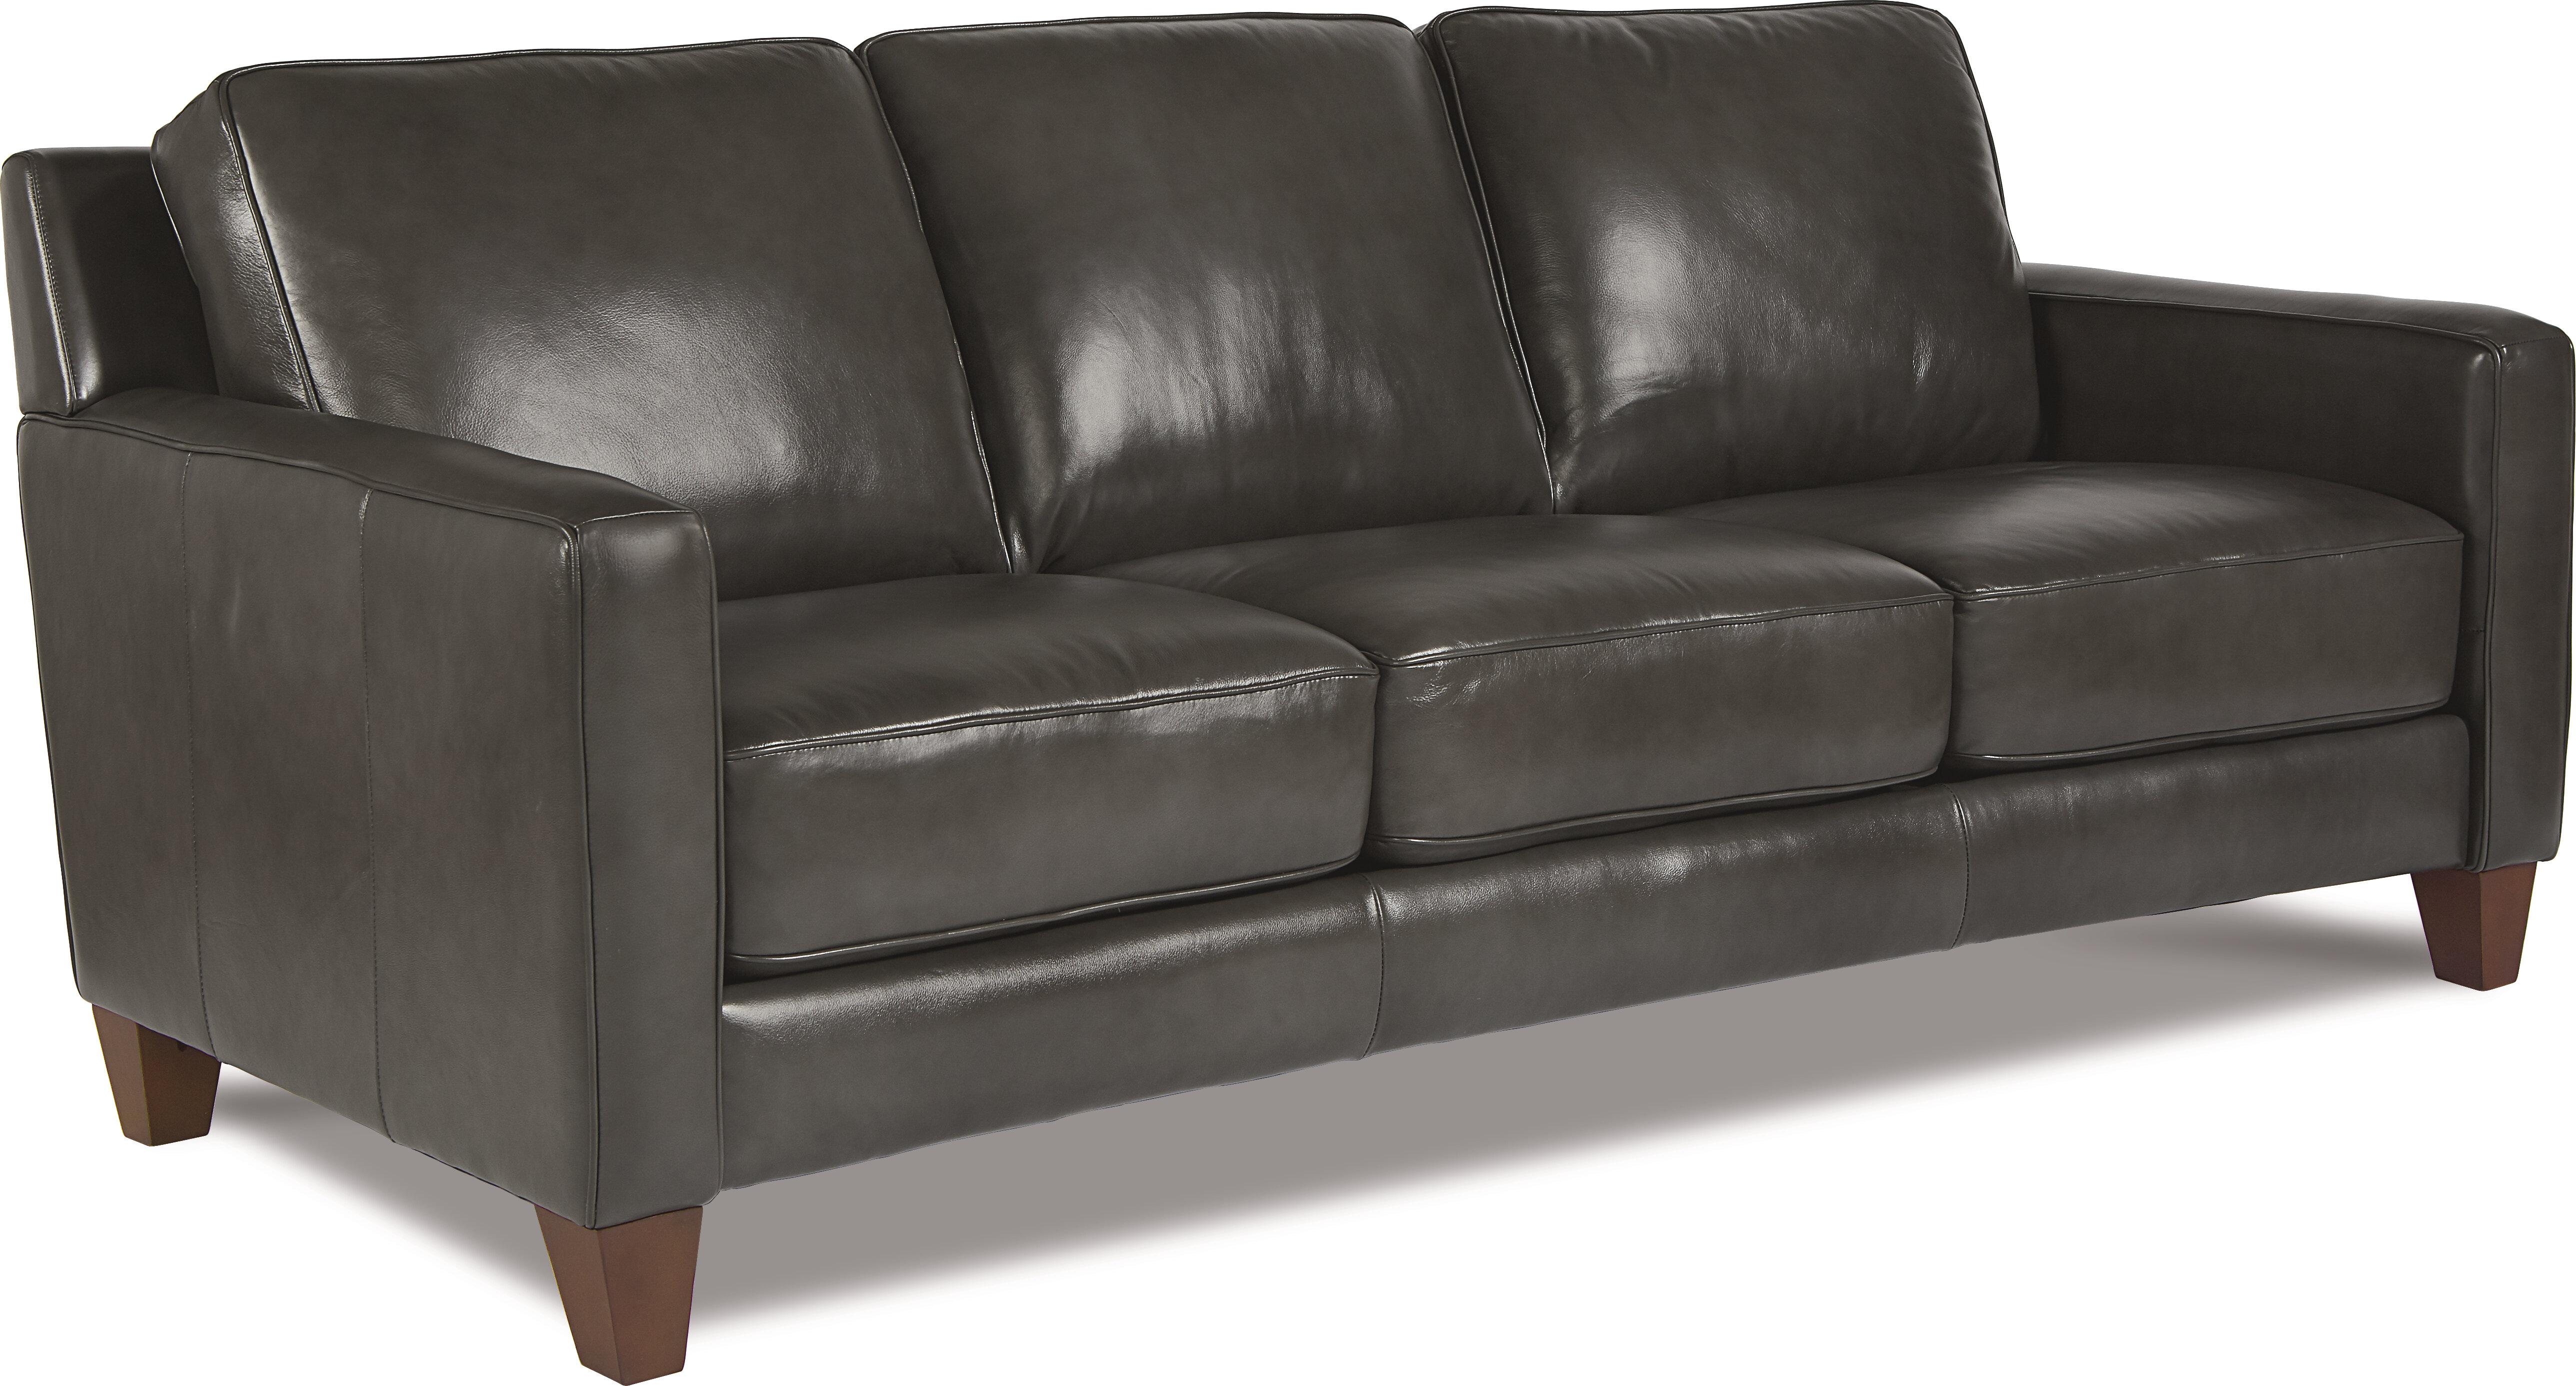 La-Z-Boy Archer Leather Sofa | Wayfair